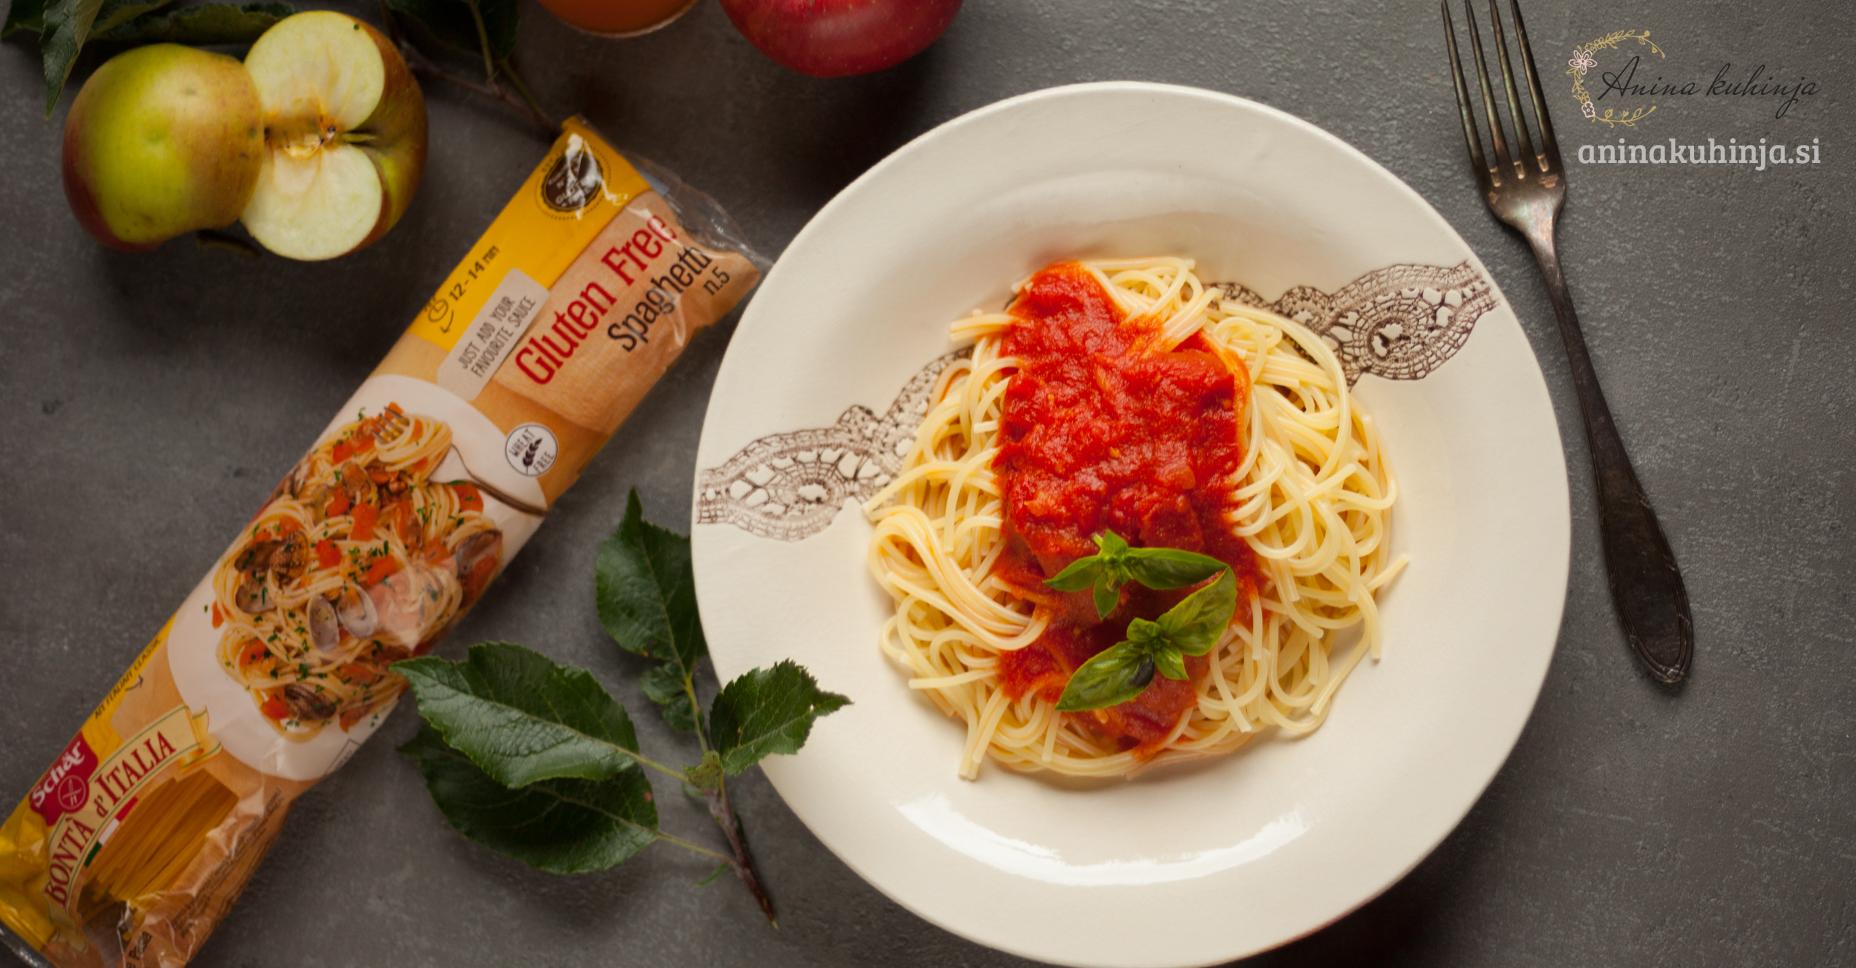 Špageti v paradižnikovi omaki